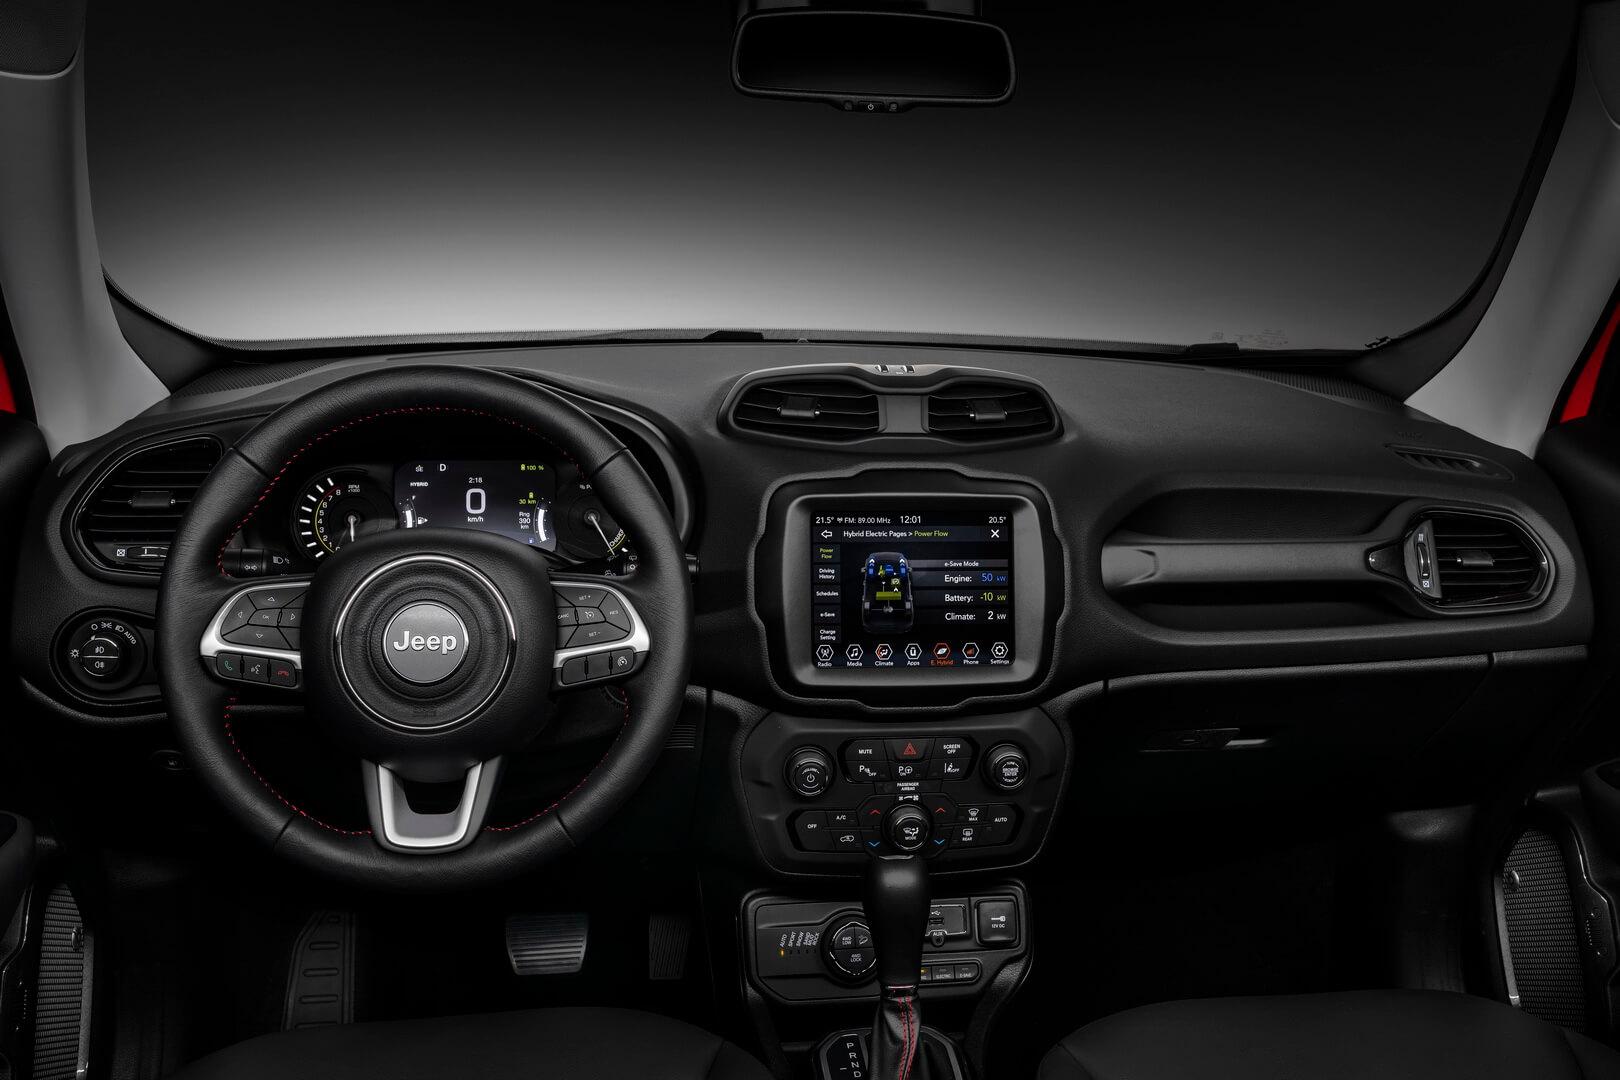 Интерьер плагин-гибрида Jeep Renegade